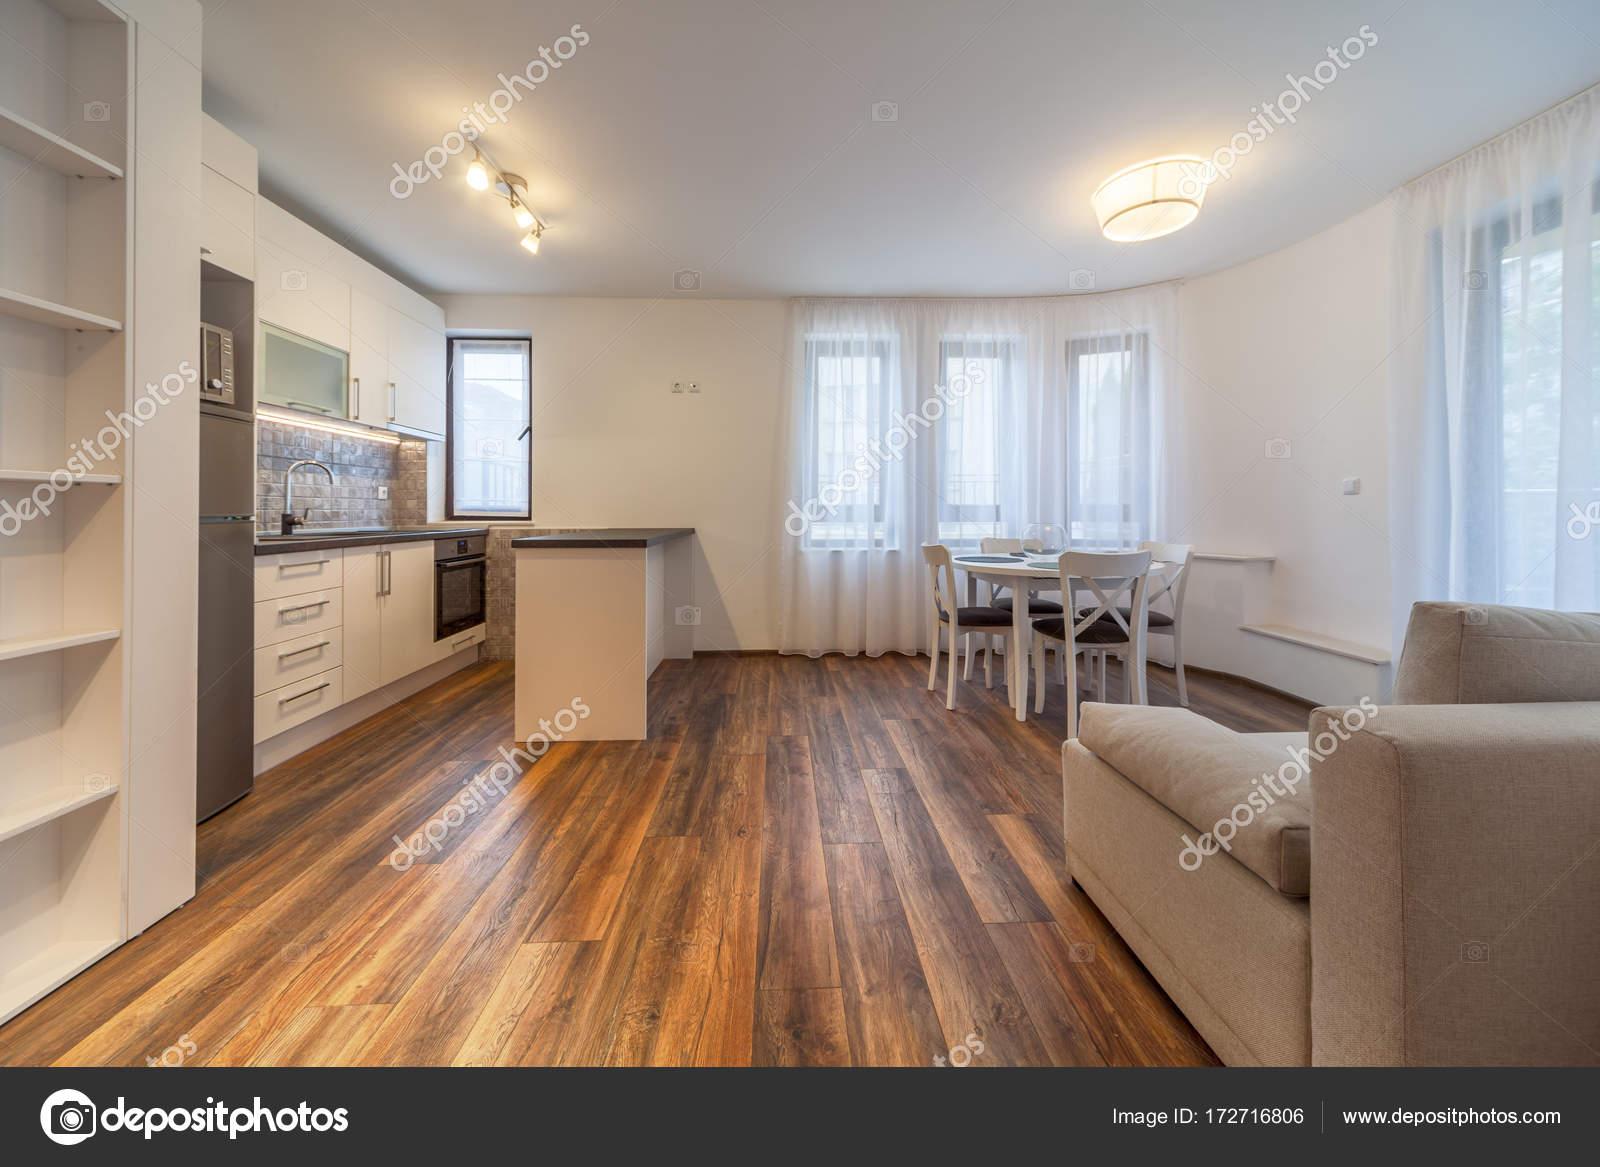 Neue moderne Wohnzimmer mit Küche. Neues Zuhause. Interieur ...